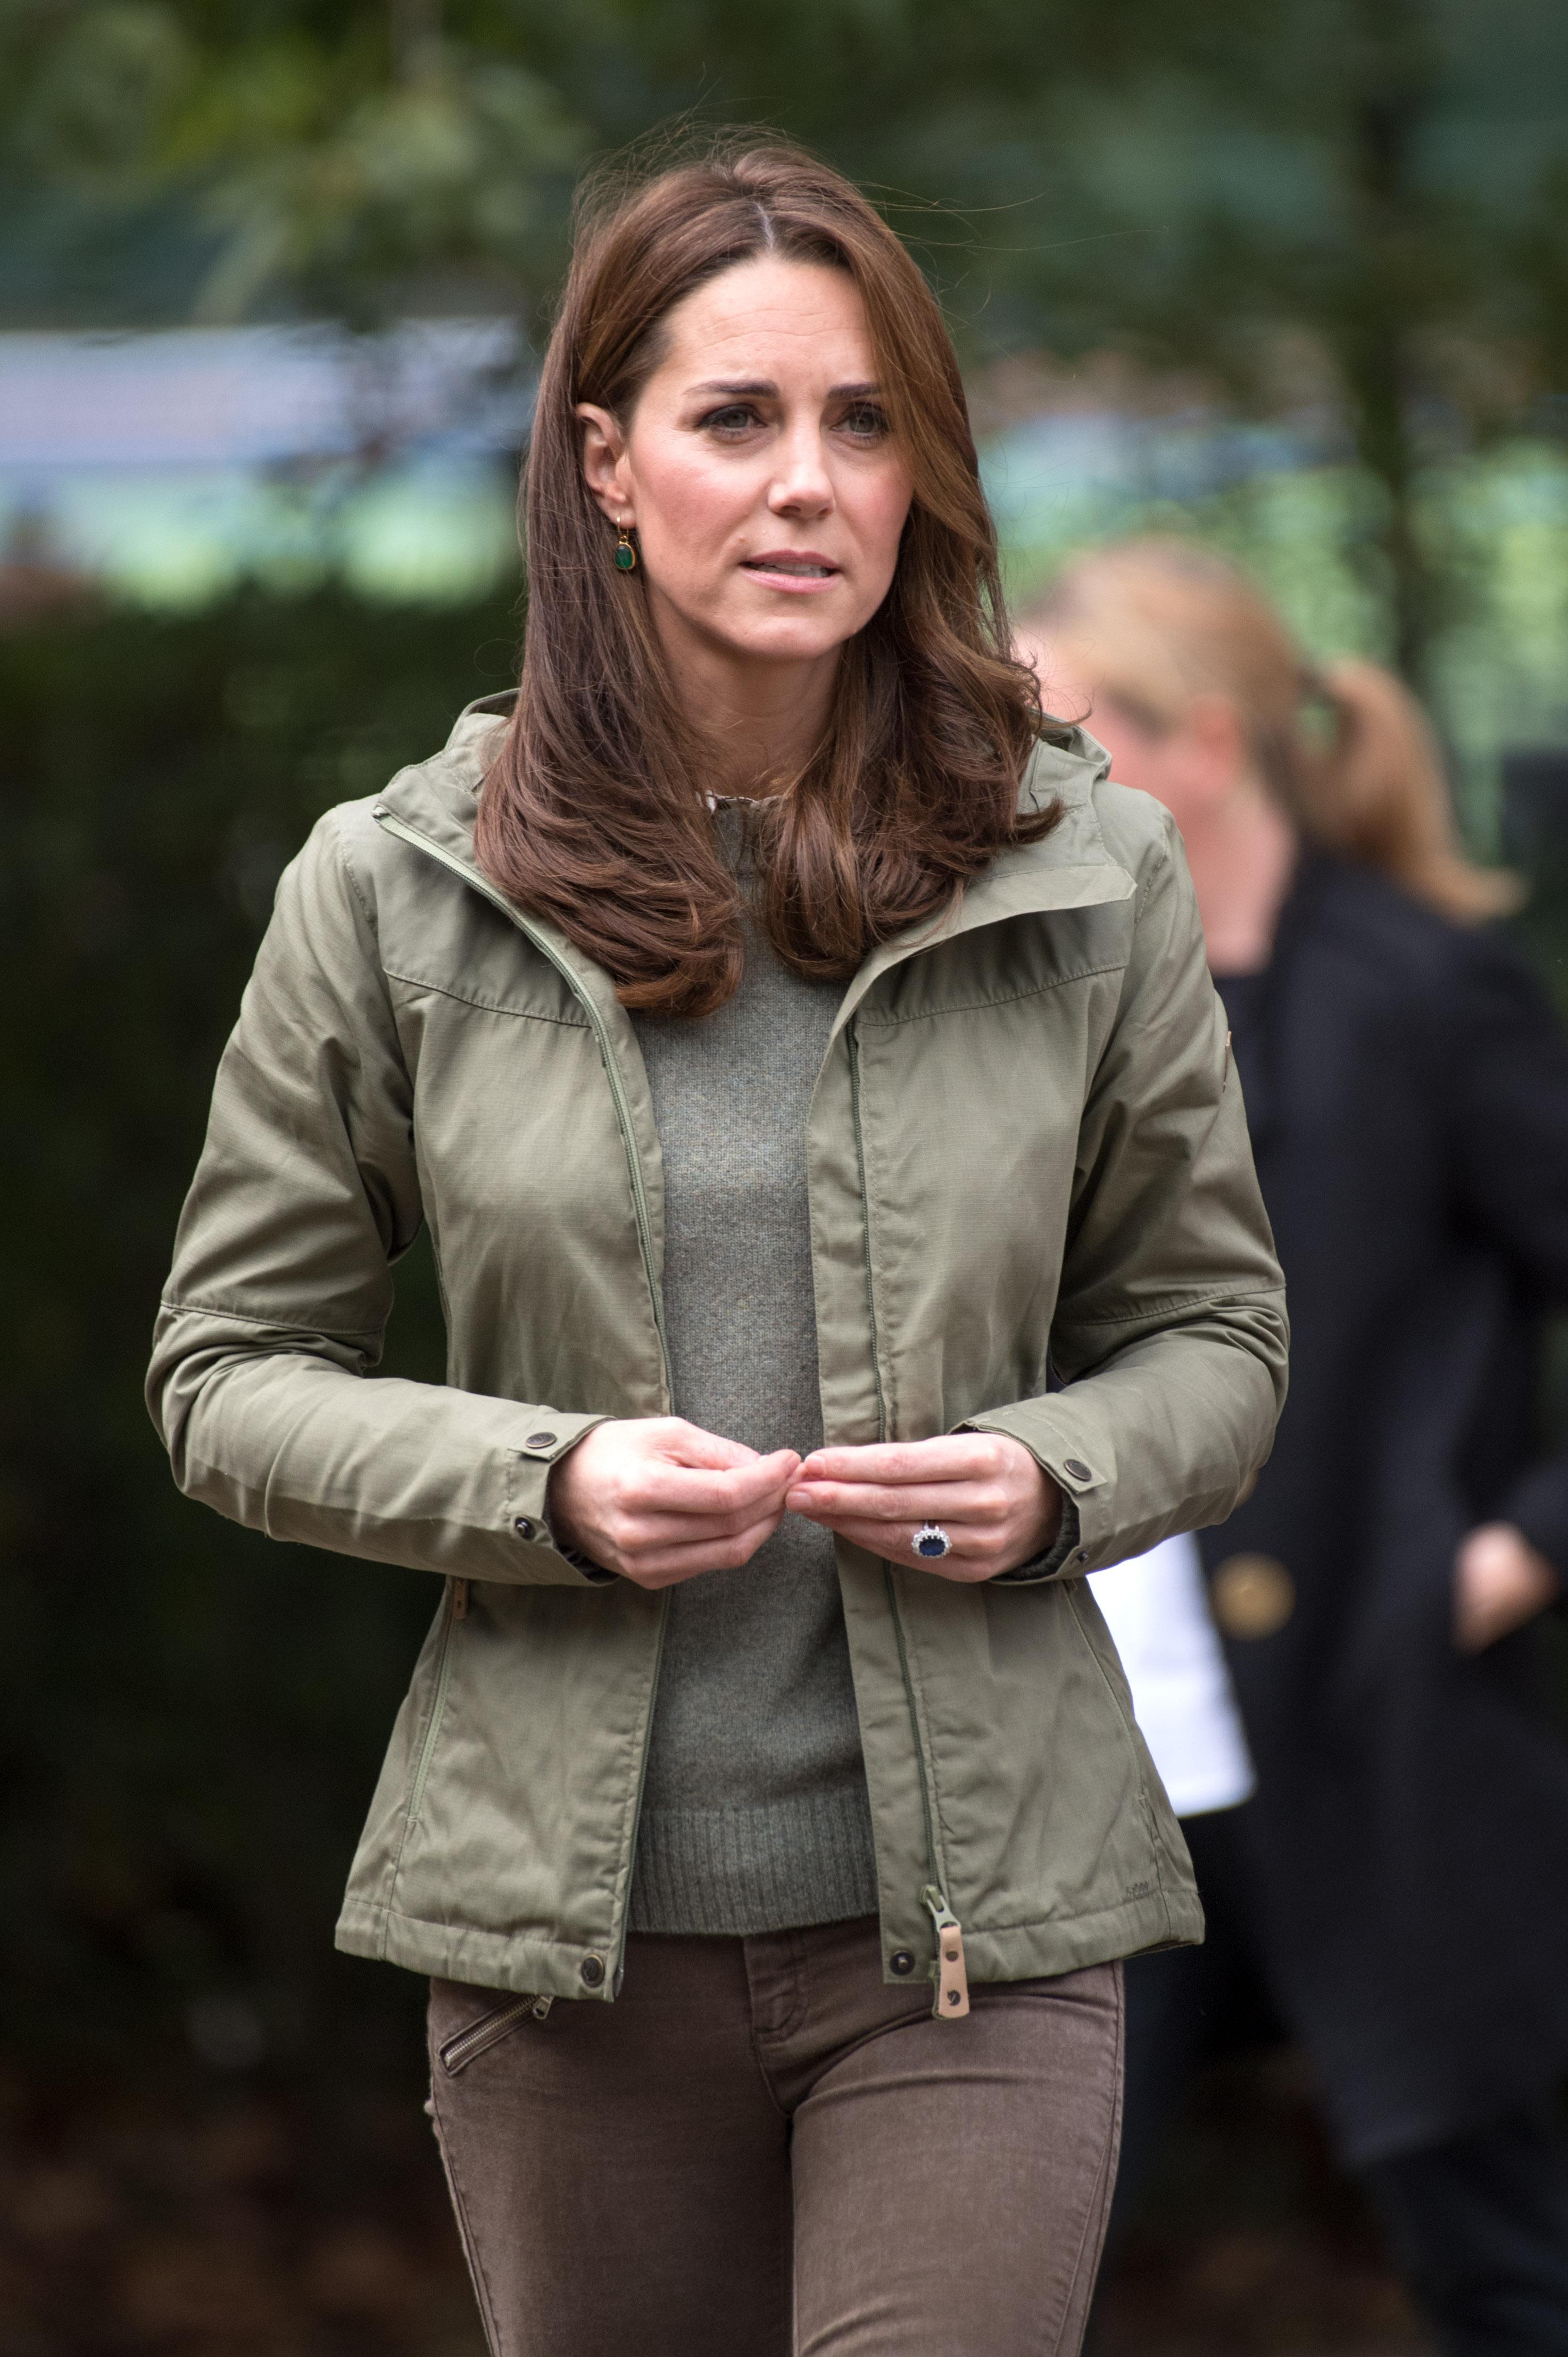 Η Kate Middleton είναι η απόδειξη ότι μπορείς να ανανεωθείς κόβοντας ελάχιστα τα μαλλιά σου! | tlife.gr